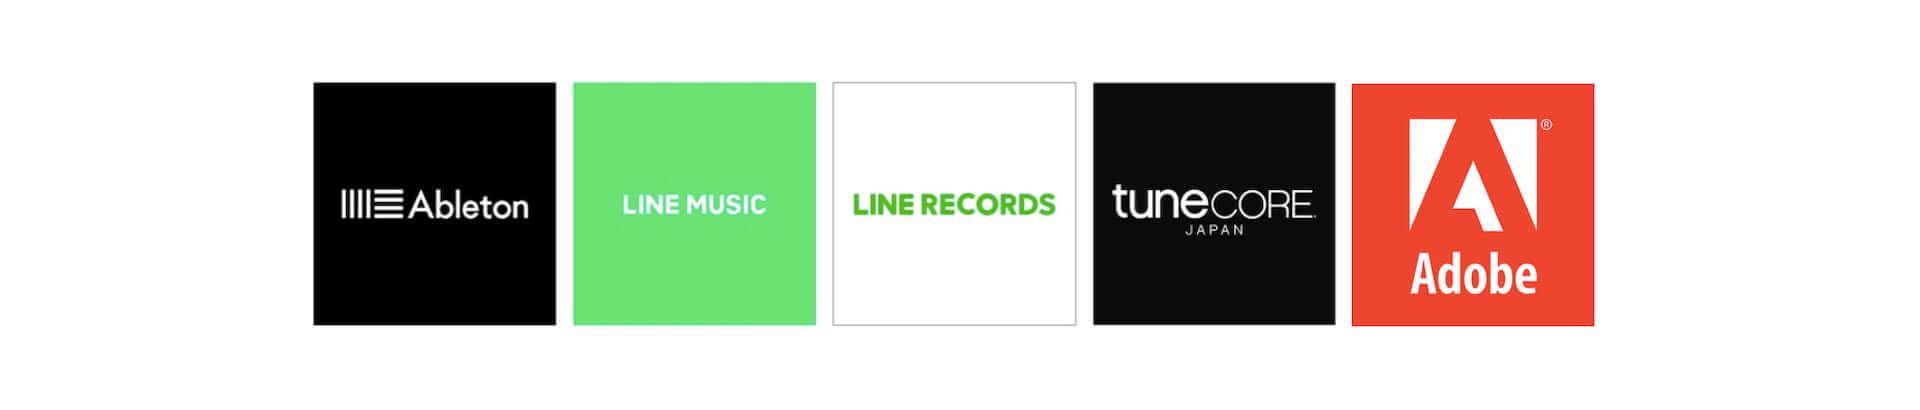 ヒップホップの楽曲制作、配信、プロモーションを学べる「Beat, Flow and Promotion」が2次募集を開始!BABEL LABELの月神ユエも参加 music200804_beat-flow-and-promotion_5-1920x410